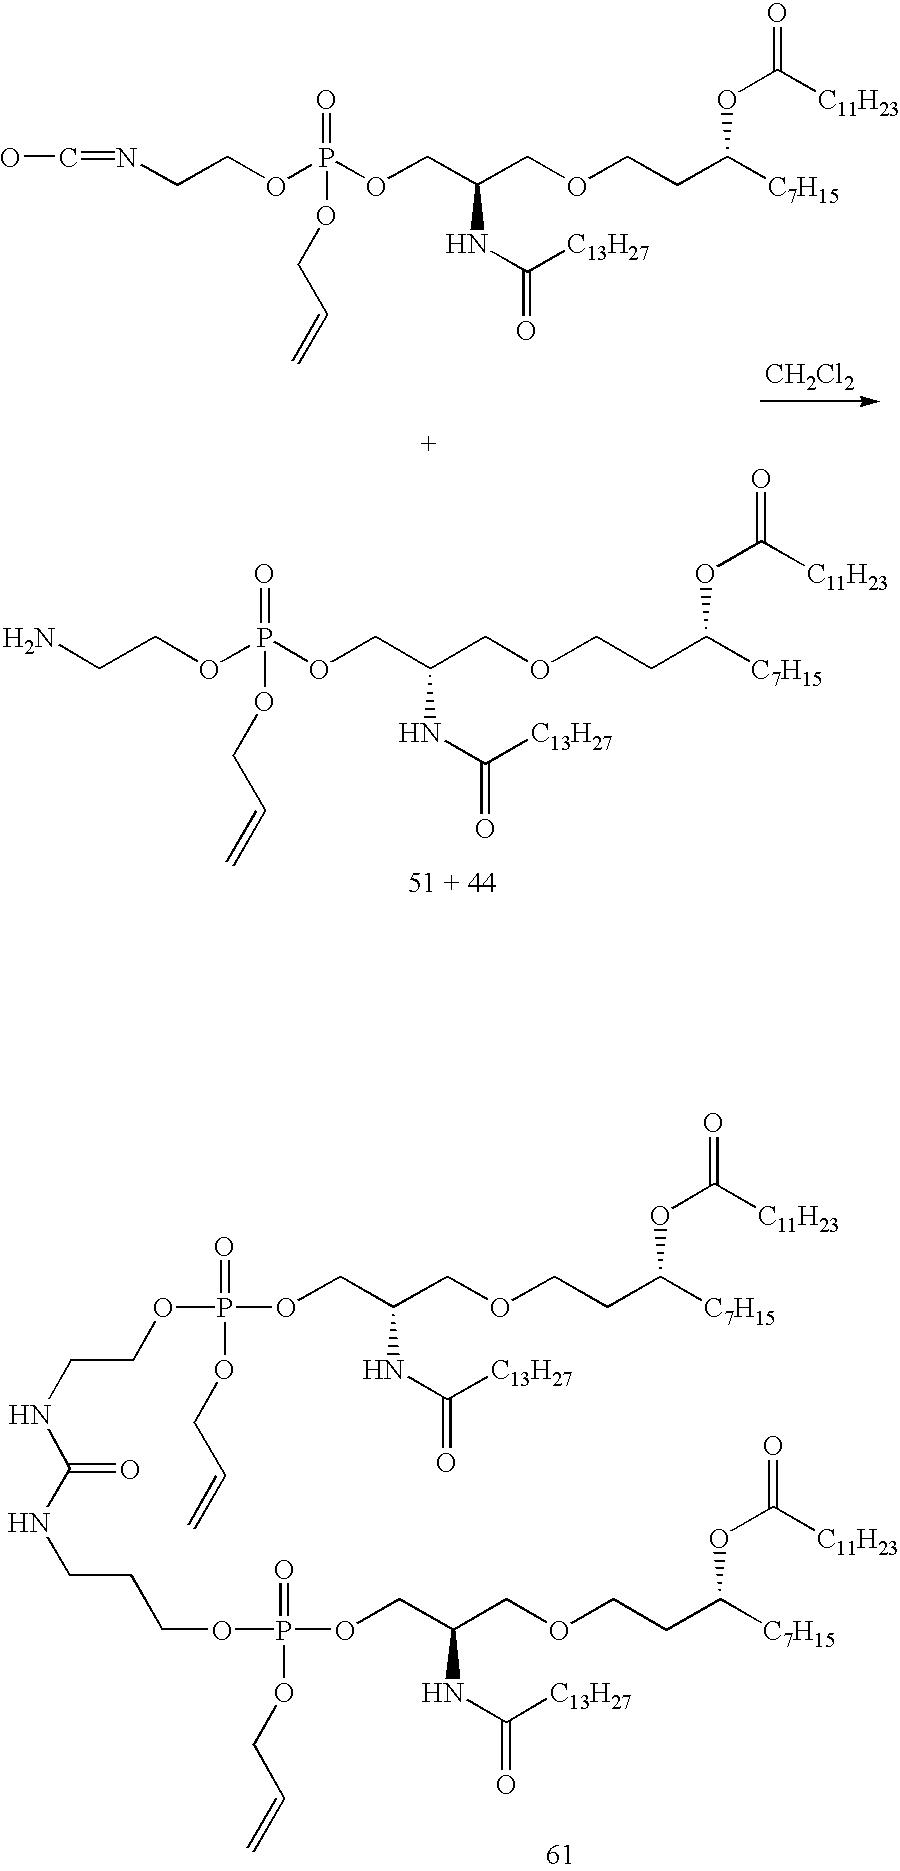 Figure US06551600-20030422-C00044